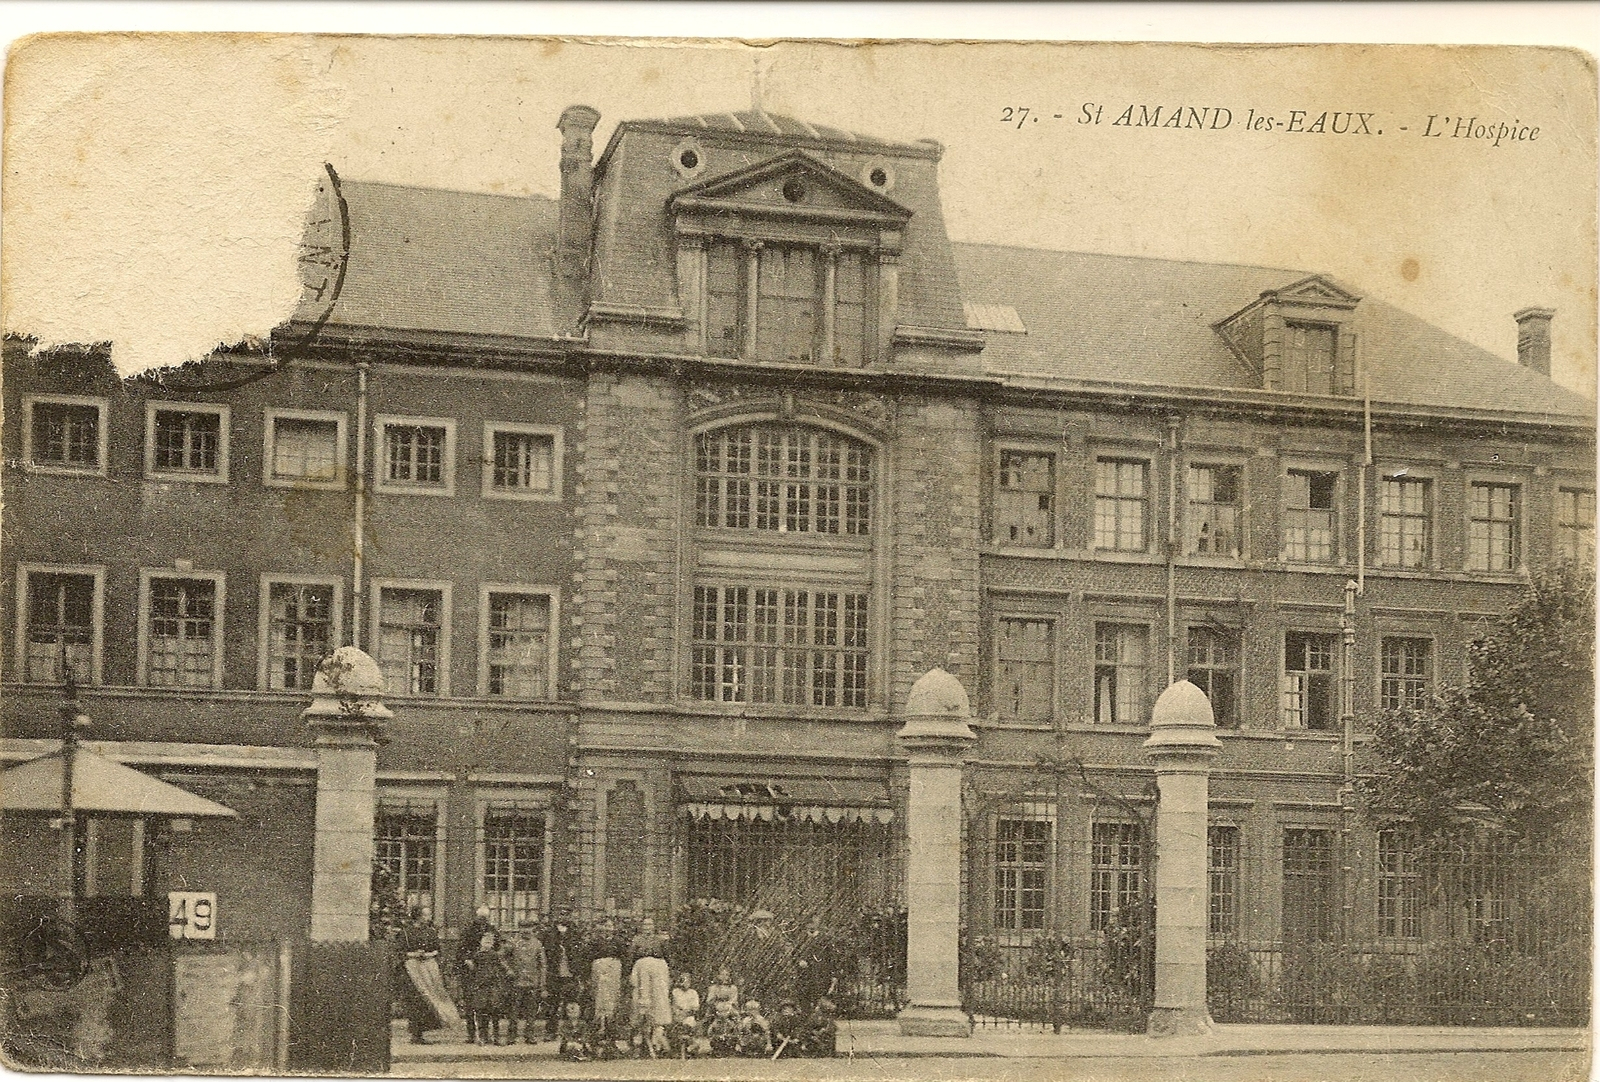 Saint-Amand-Les-Eaux - Recherche De Cartes Postales - Geneanet avec Piscine St Amand Les Eaux